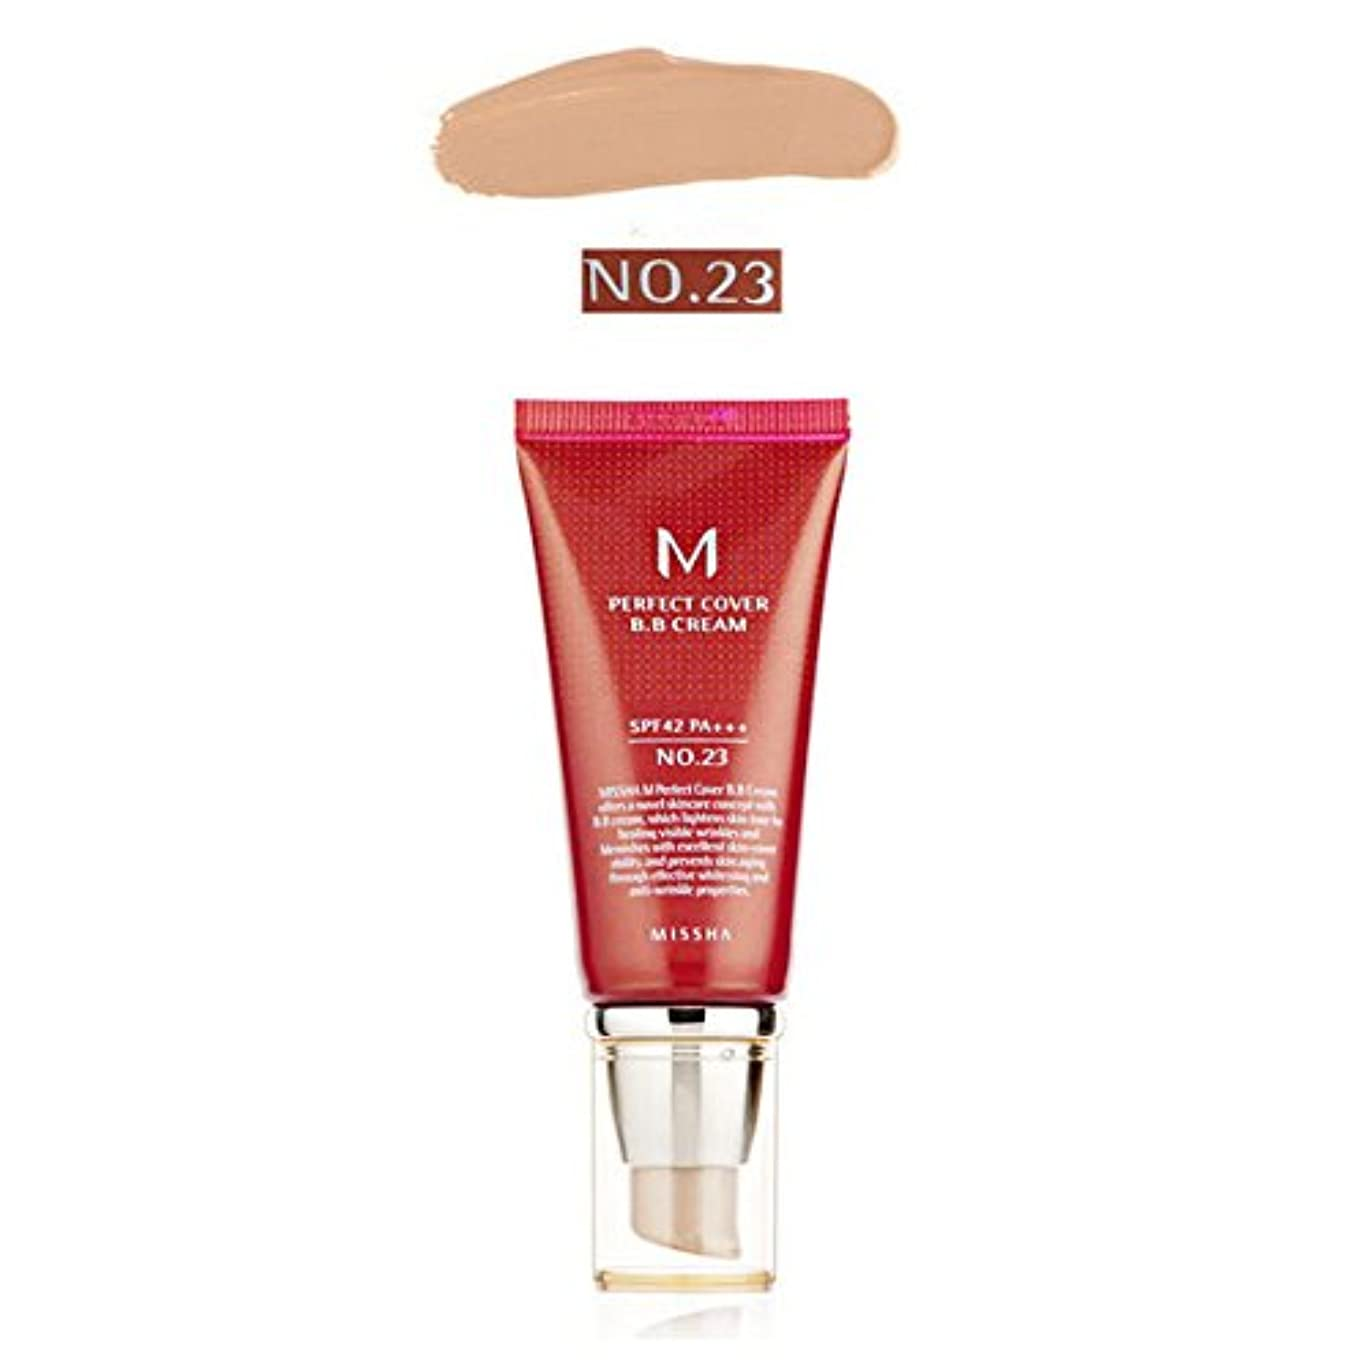 振動させるパッチ見積り[ミシャ] MISSHA [M パーフェクト カバー BBクリーム 21号 / 23号50ml] (M Perfect Cover BB cream 21号 / 23号 50ml) SPF42 PA+++ (Type2...